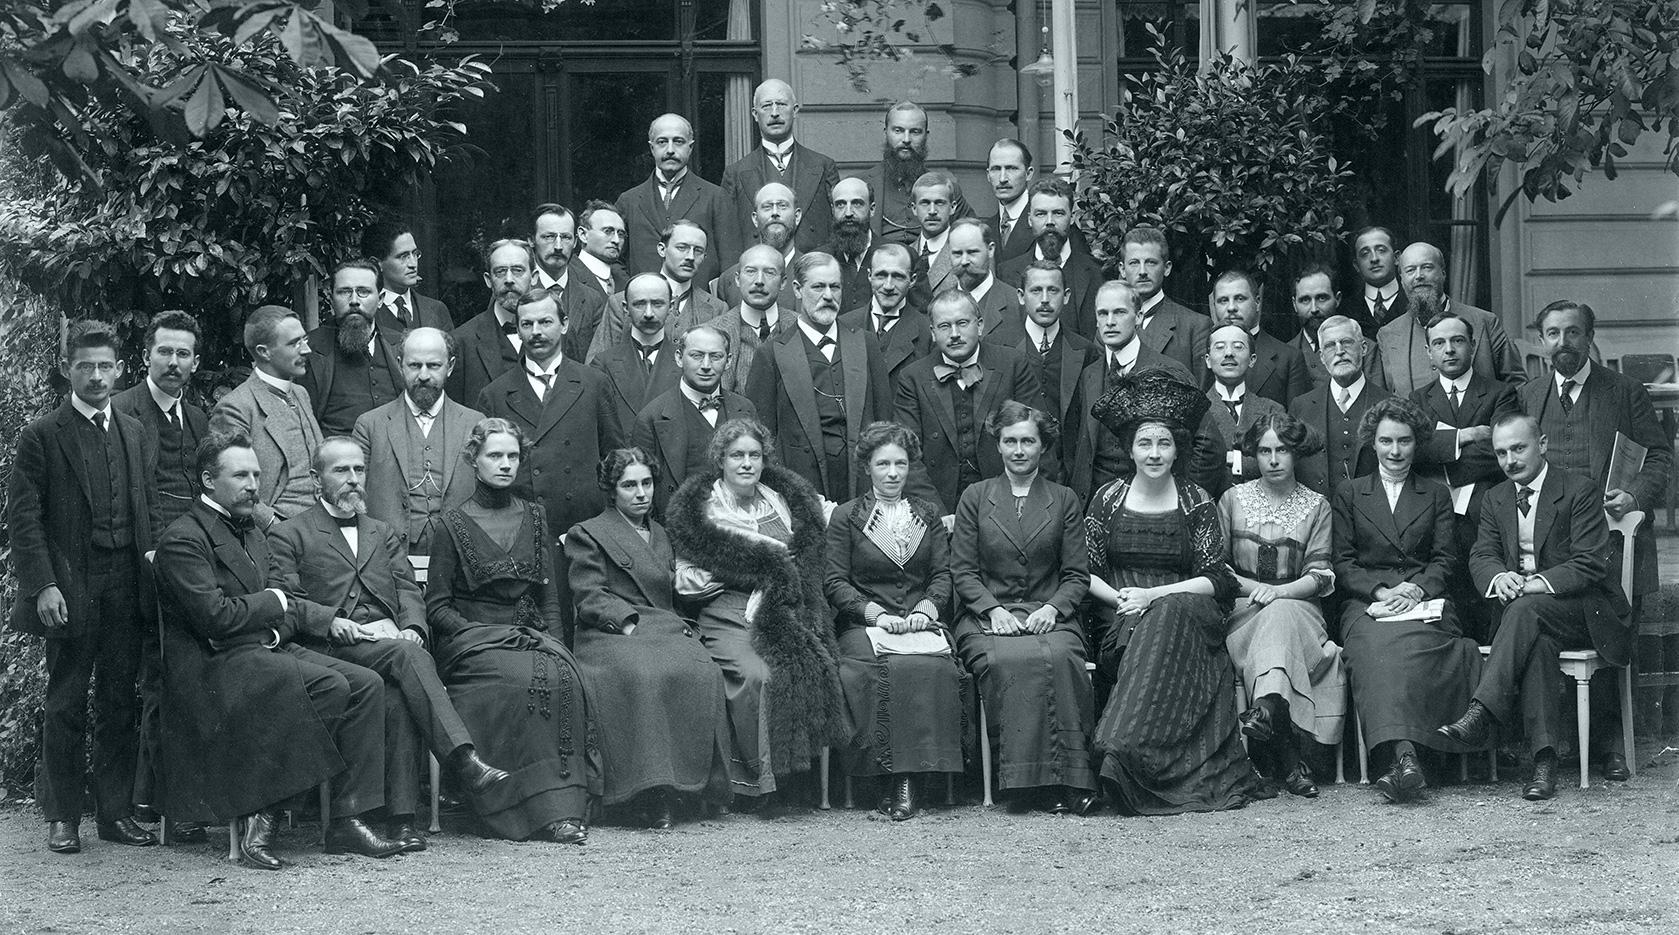 Franz Vältl: Kongressfoto 1911, zur Verfügung gestellt von Michael Schröter. Philosophie